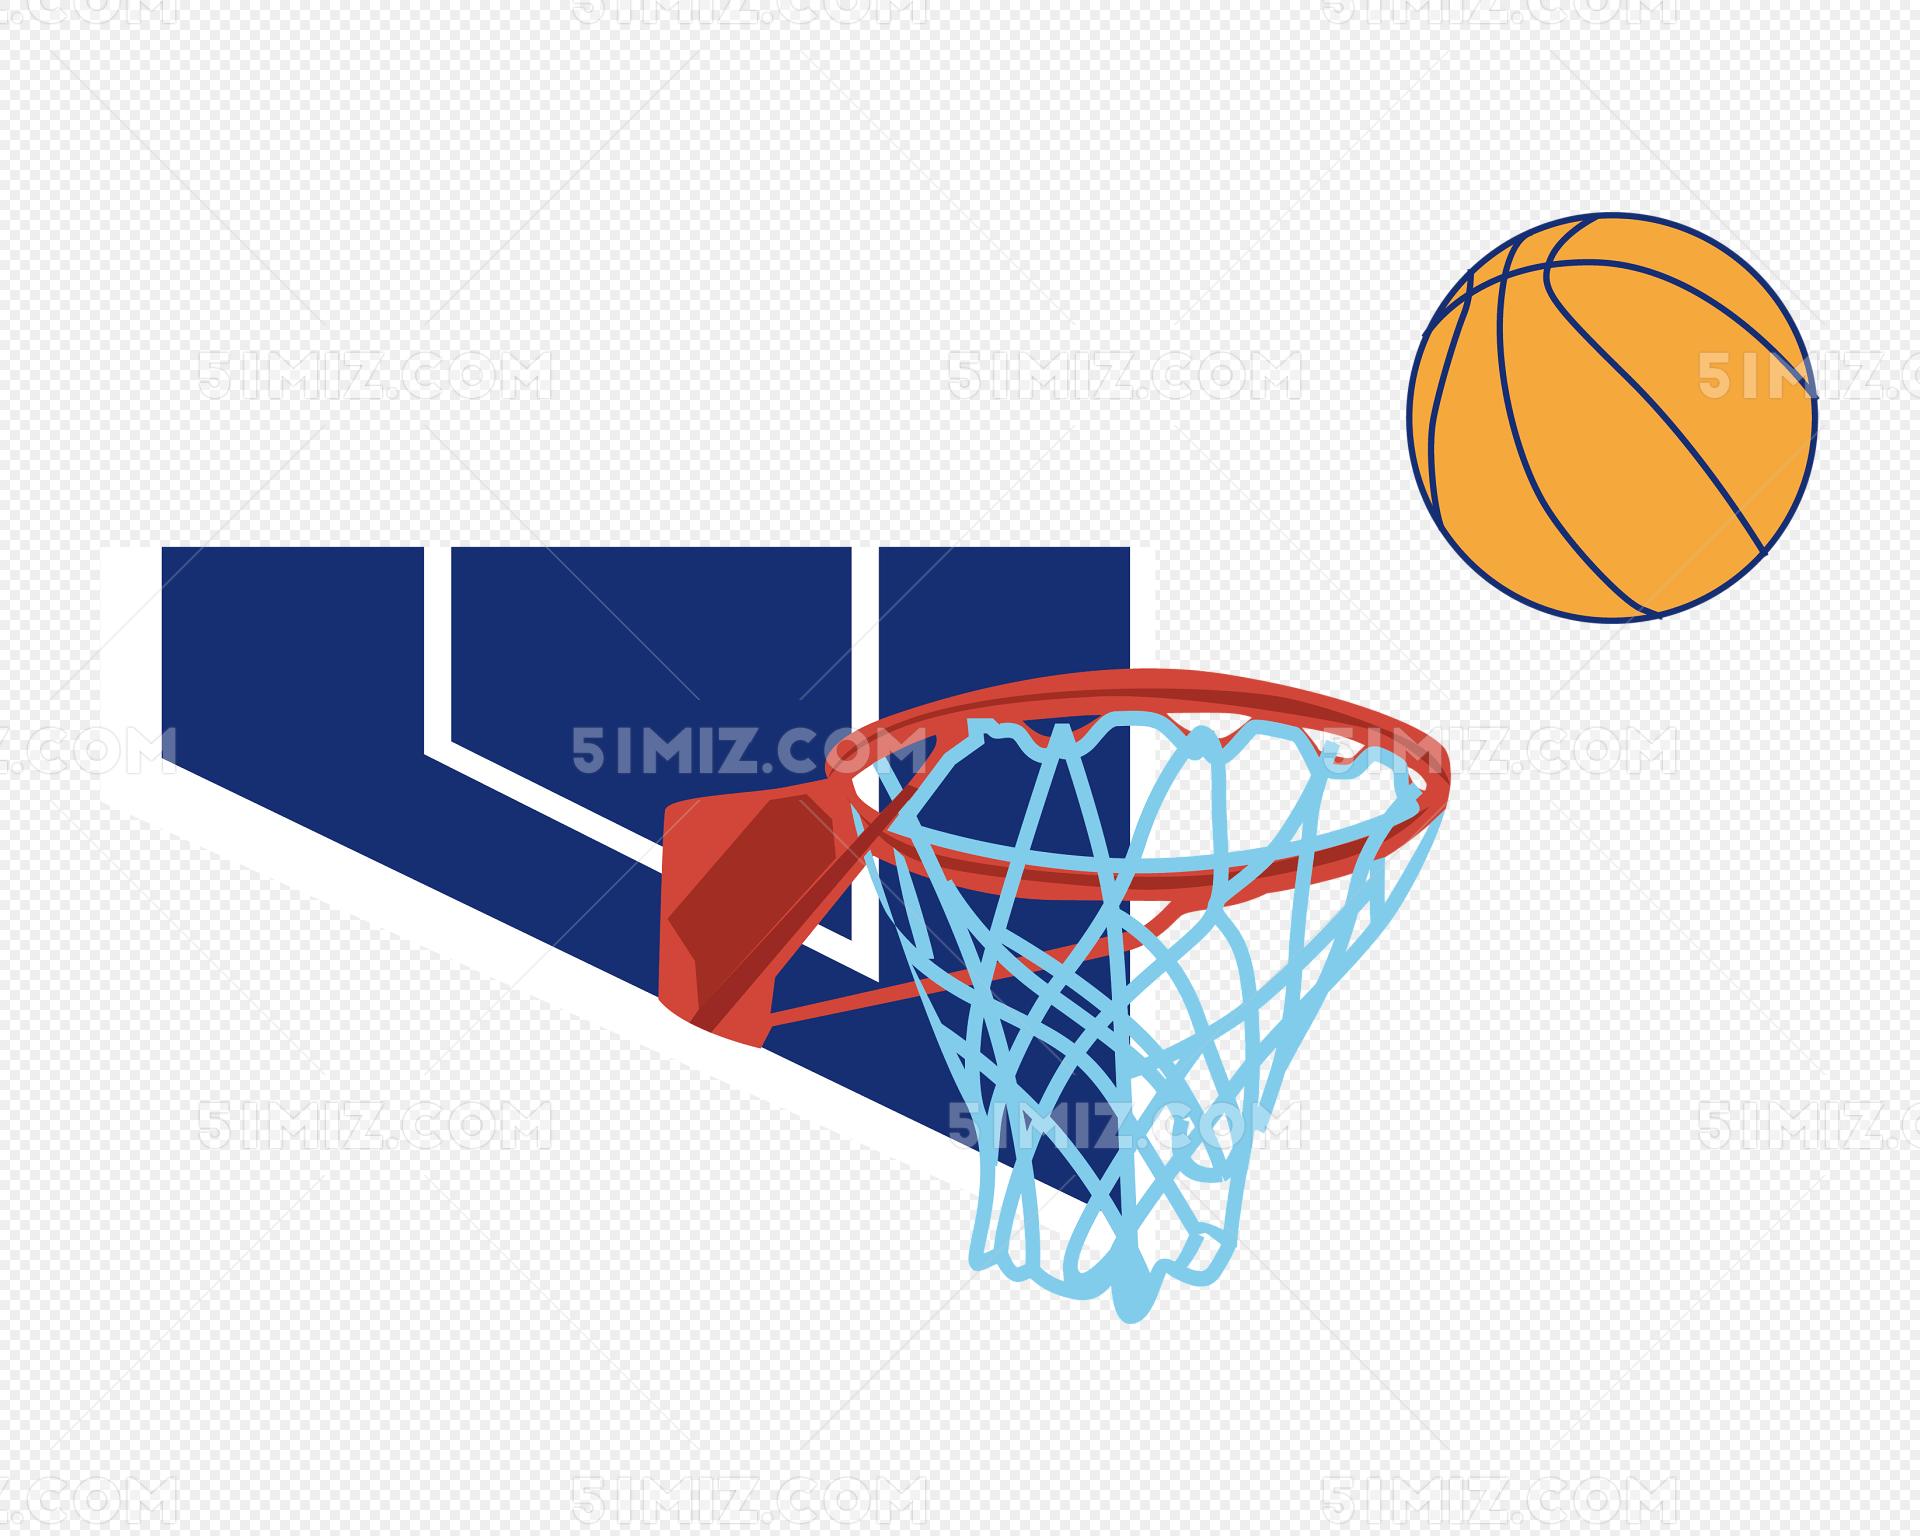 手绘篮球比赛篮板篮筐矢量插图